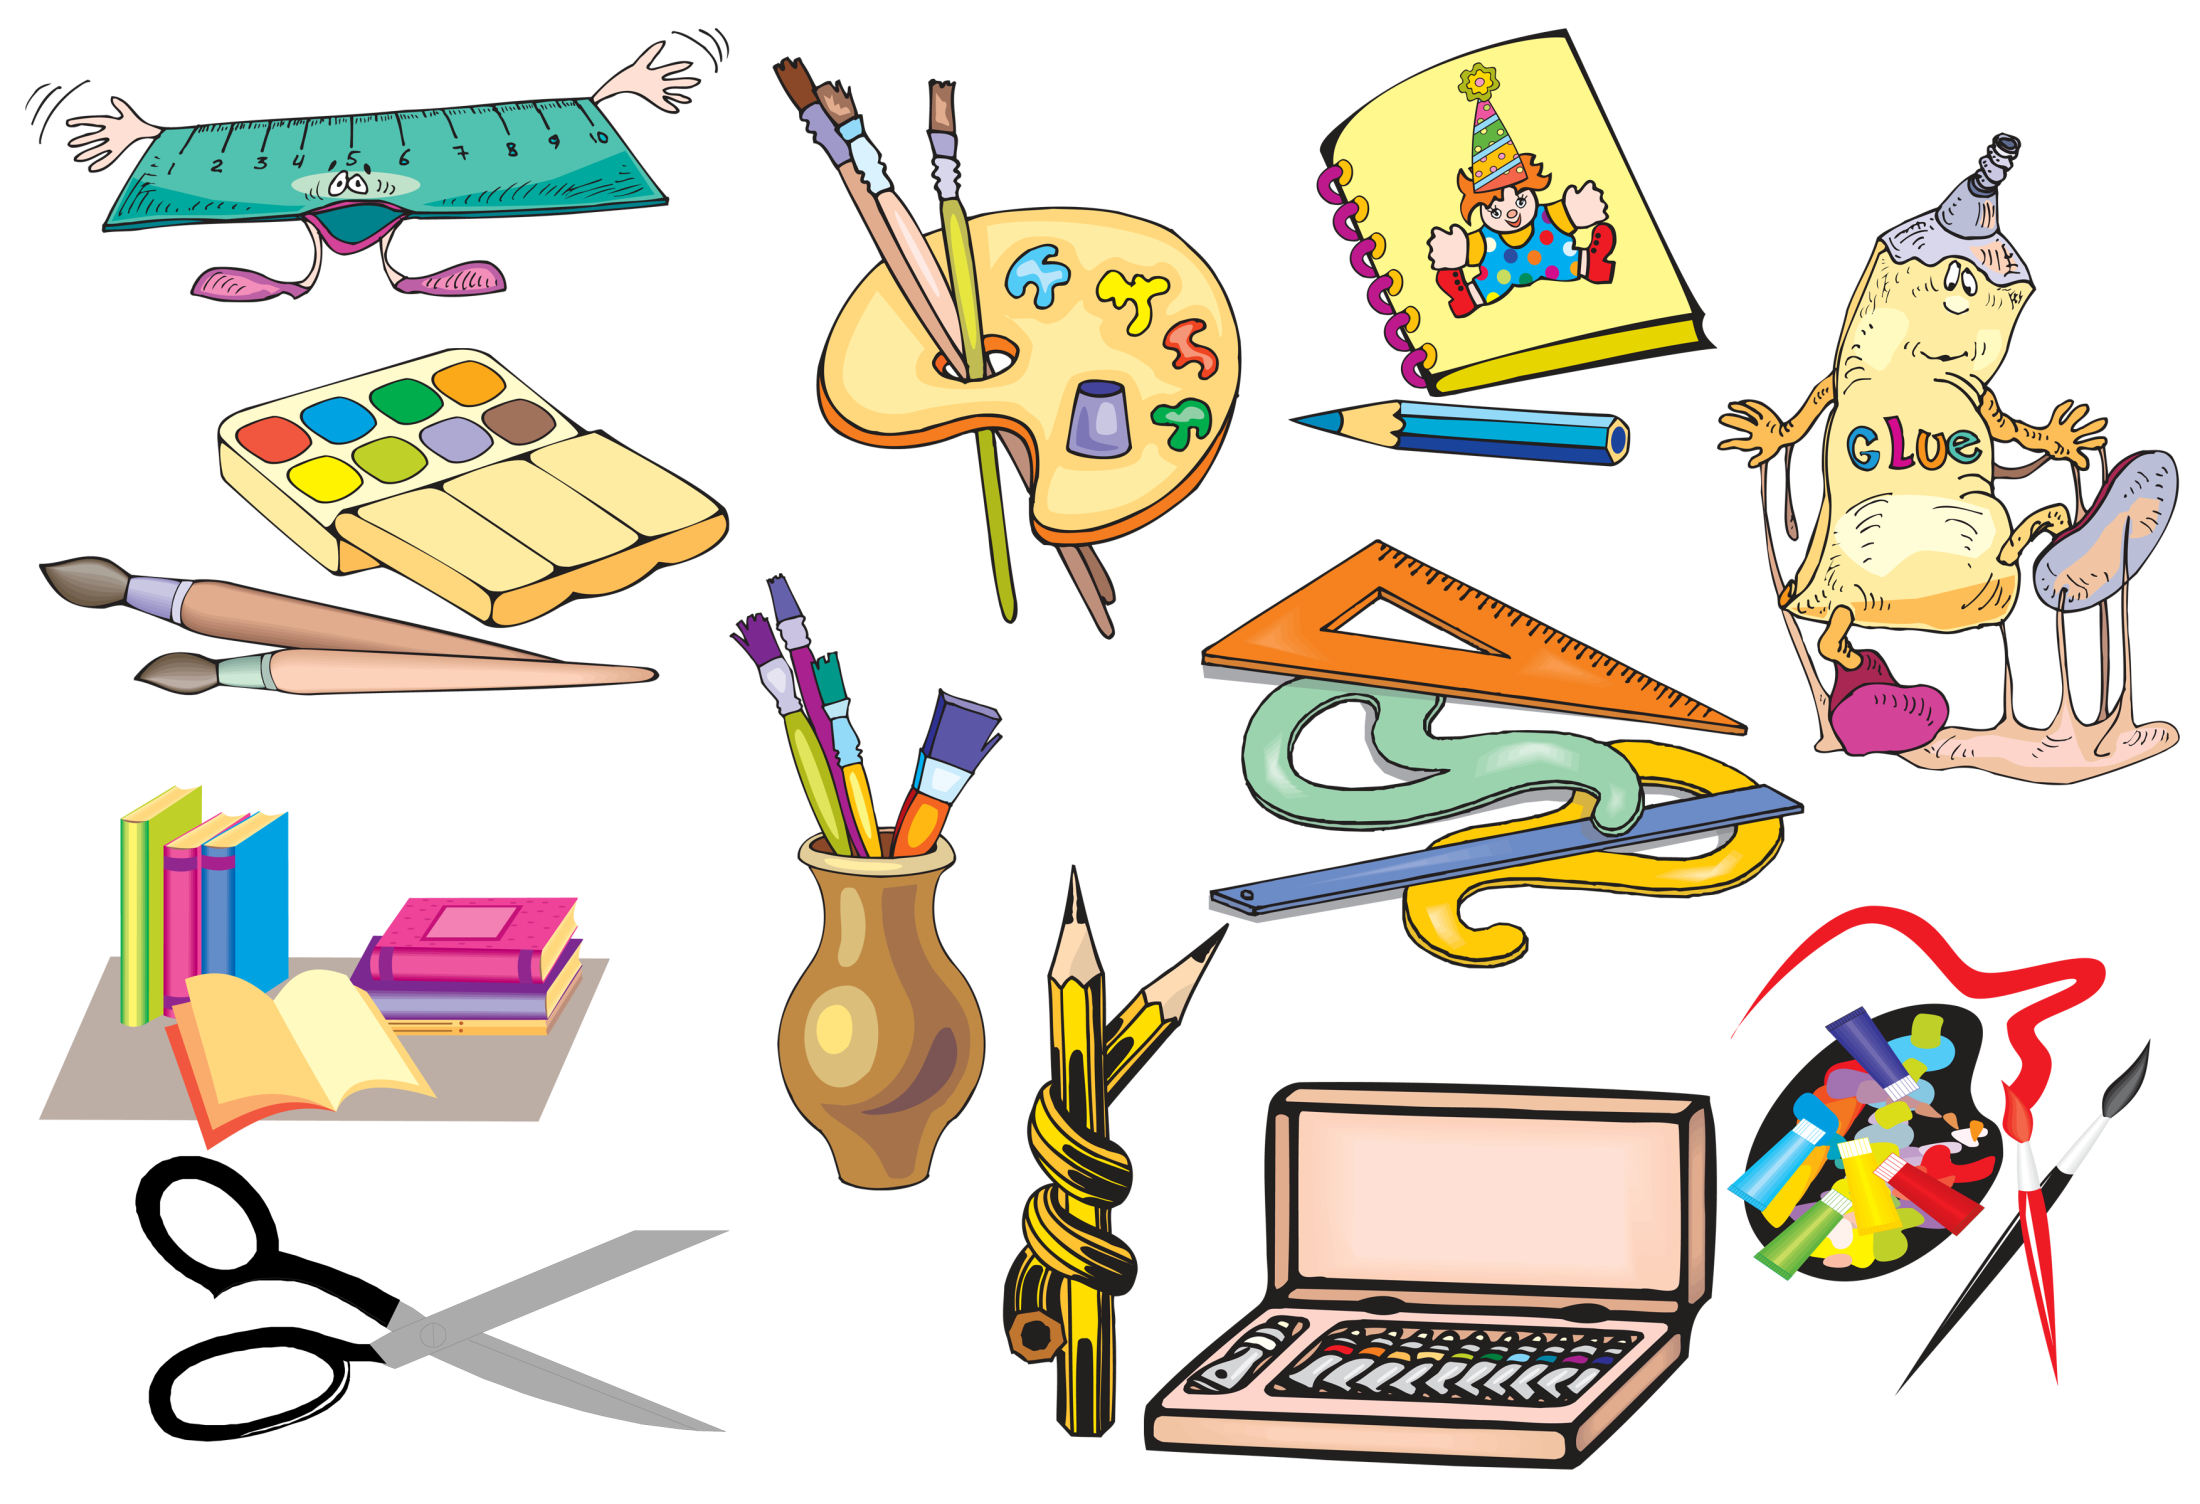 Картинка про школьные предметы